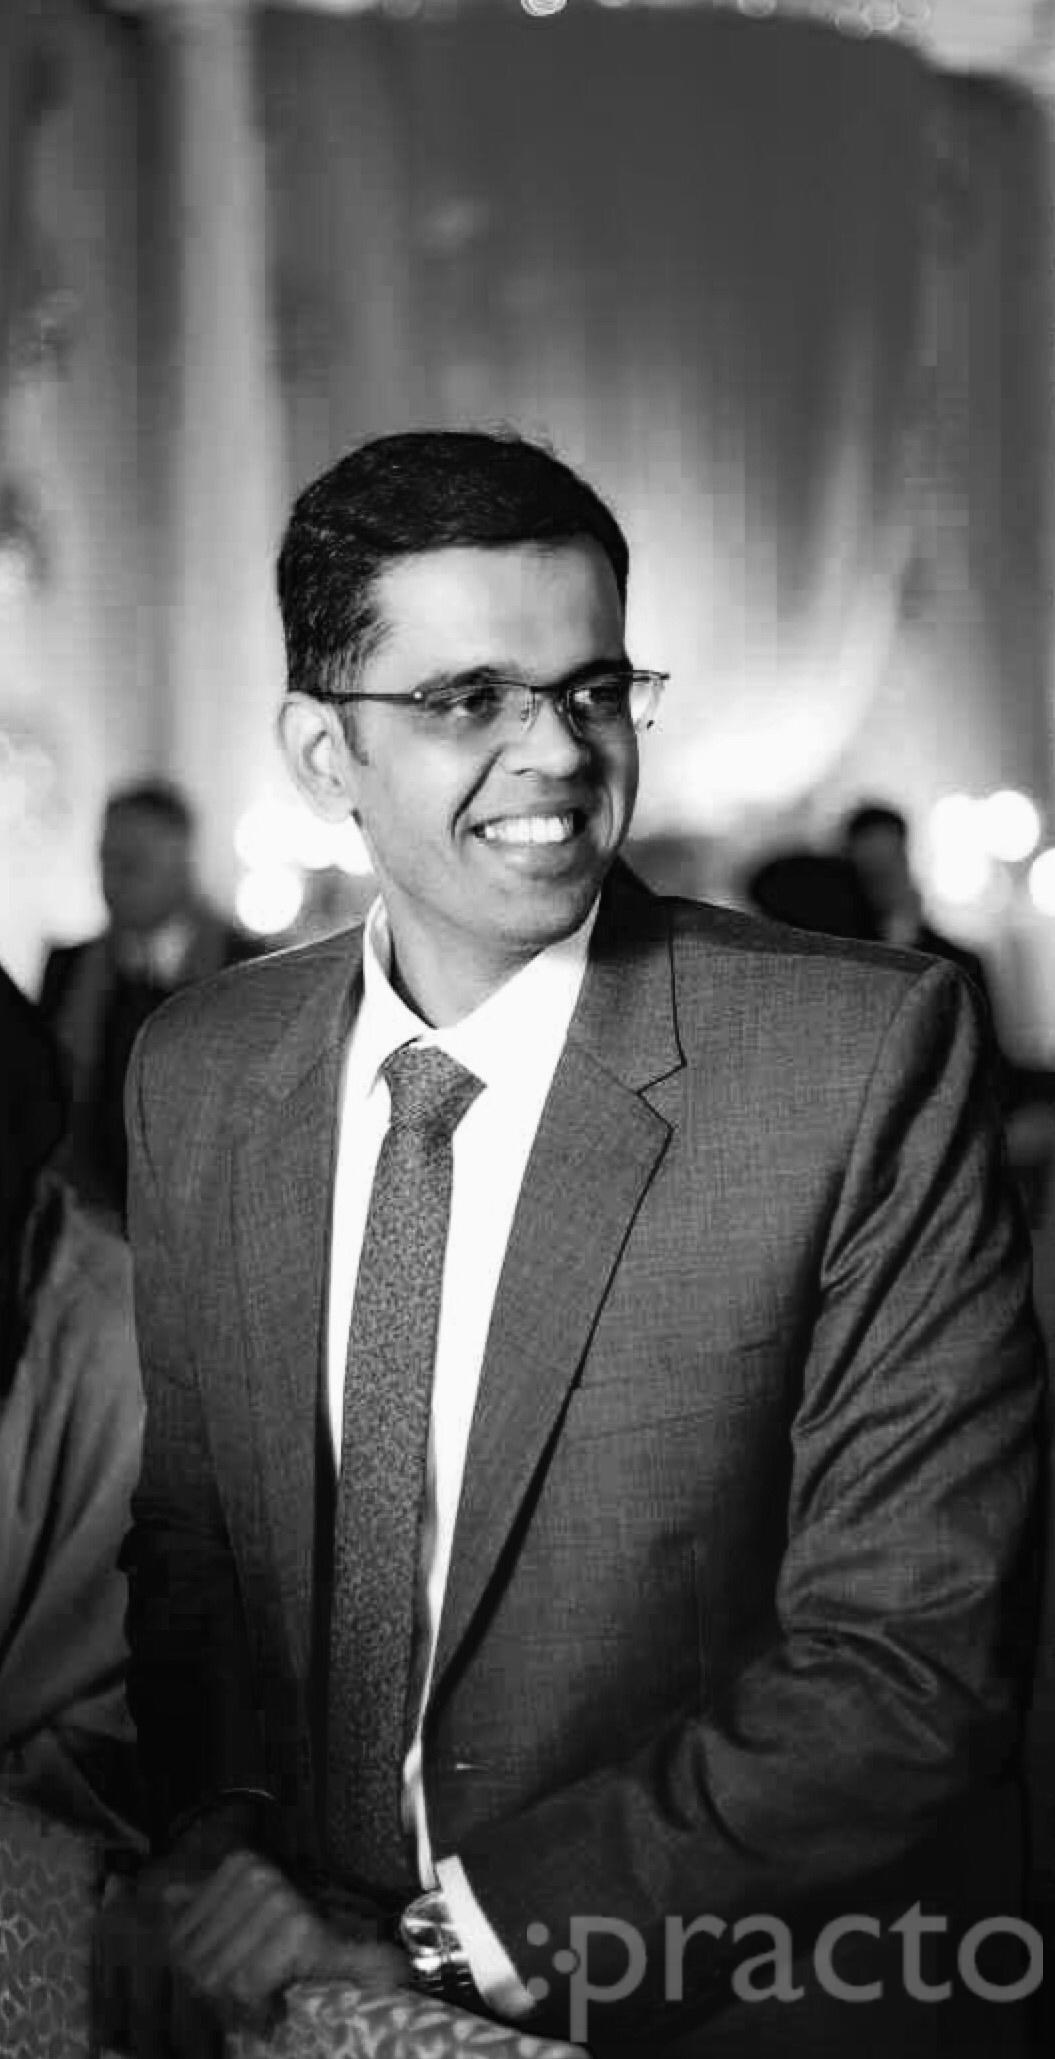 Dr. Arjun Markanday - Orthopedist